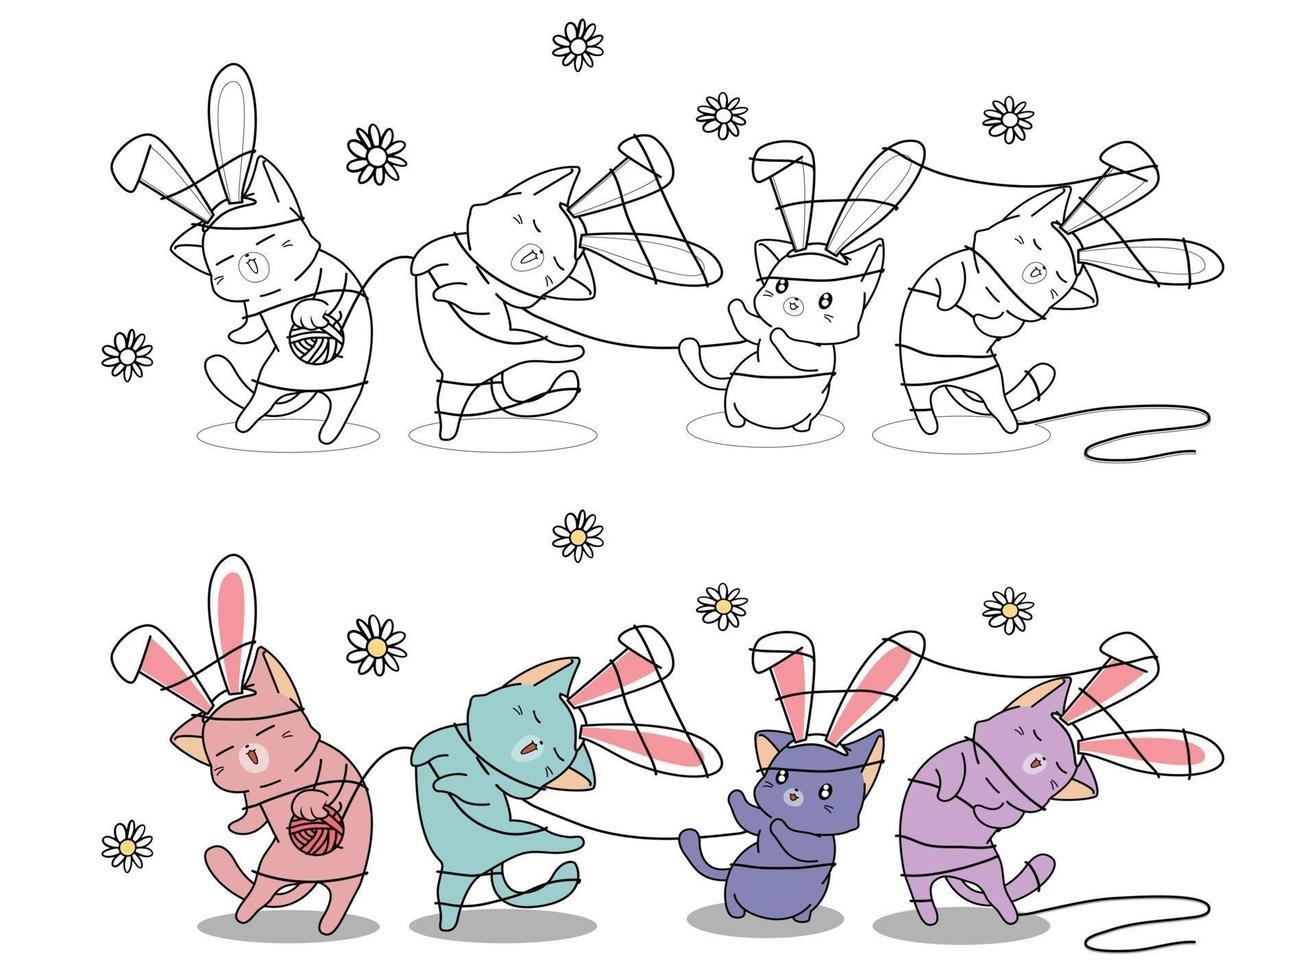 chats lapin emmêlés dans la ficelle, coloriage pour les enfants vecteur